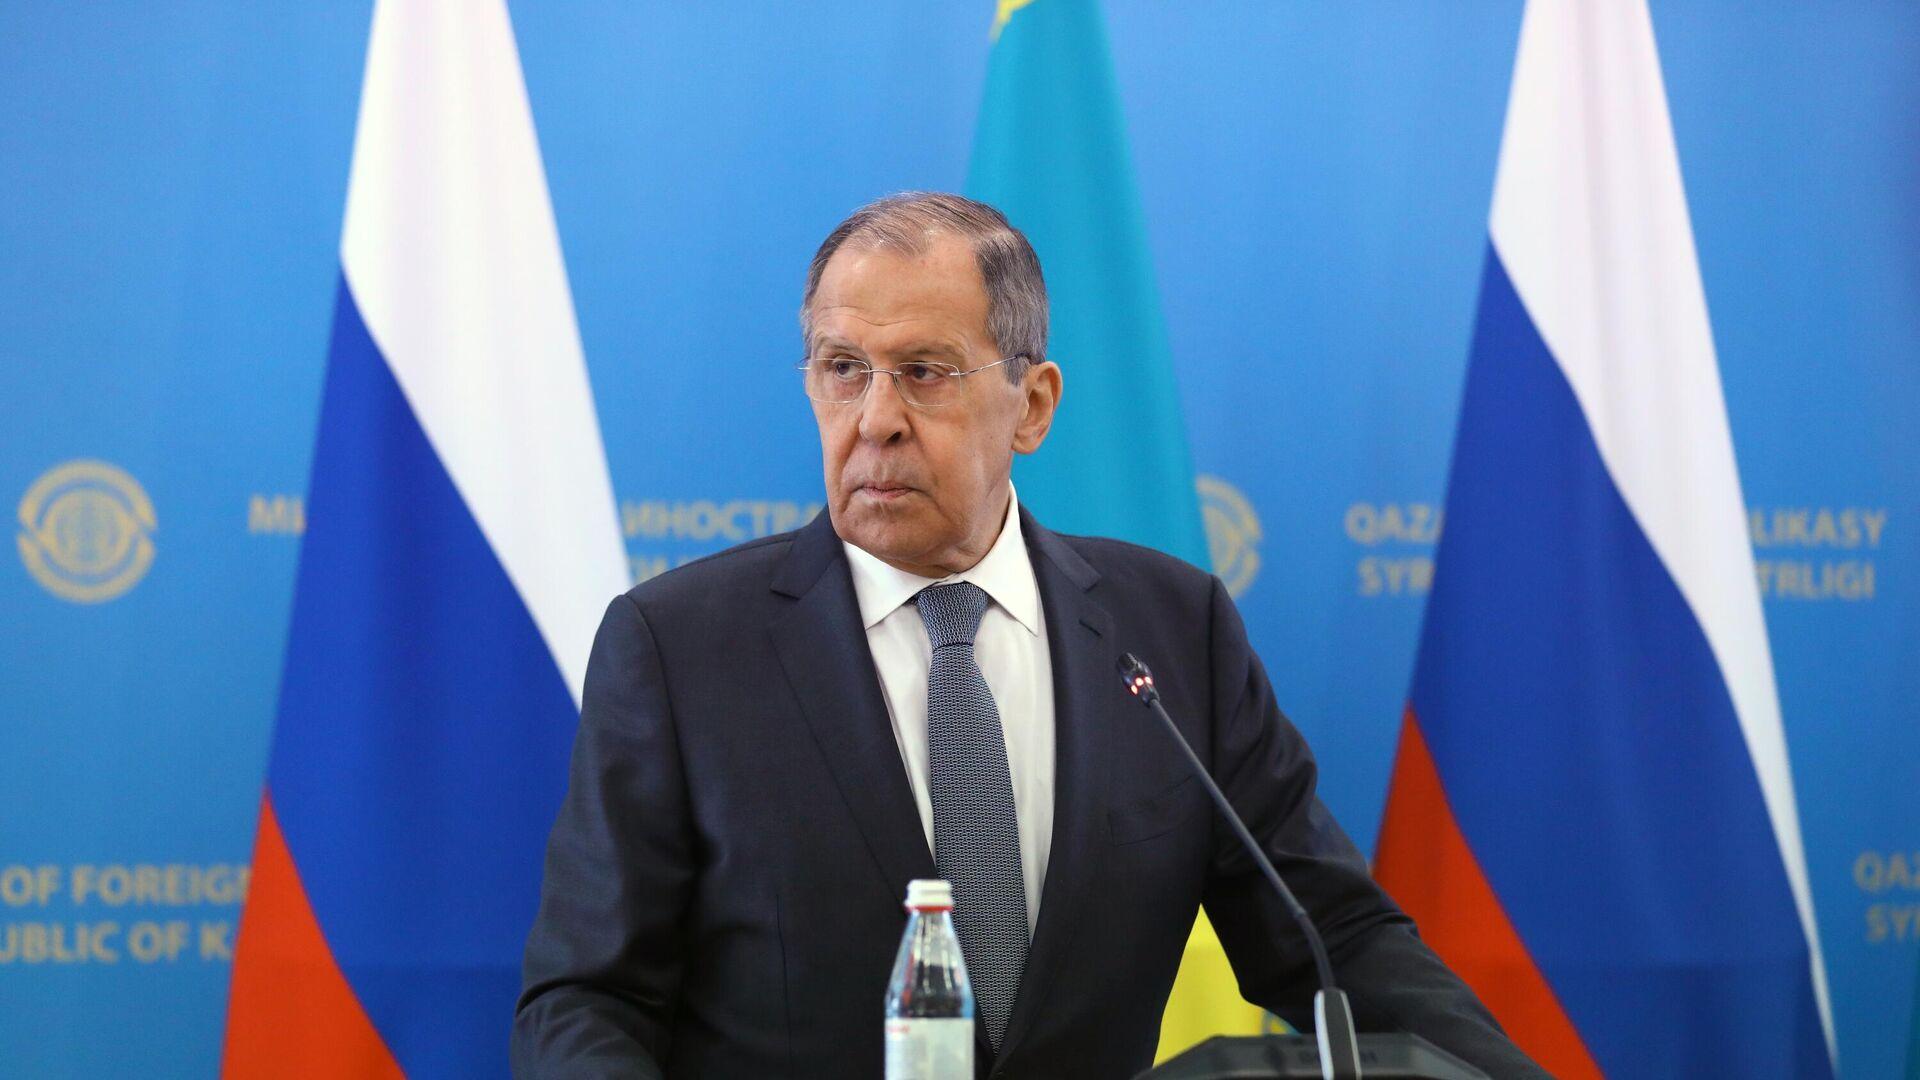 Министр иностранных дел РФ Сергей Лавров - РИА Новости, 1920, 28.04.2021